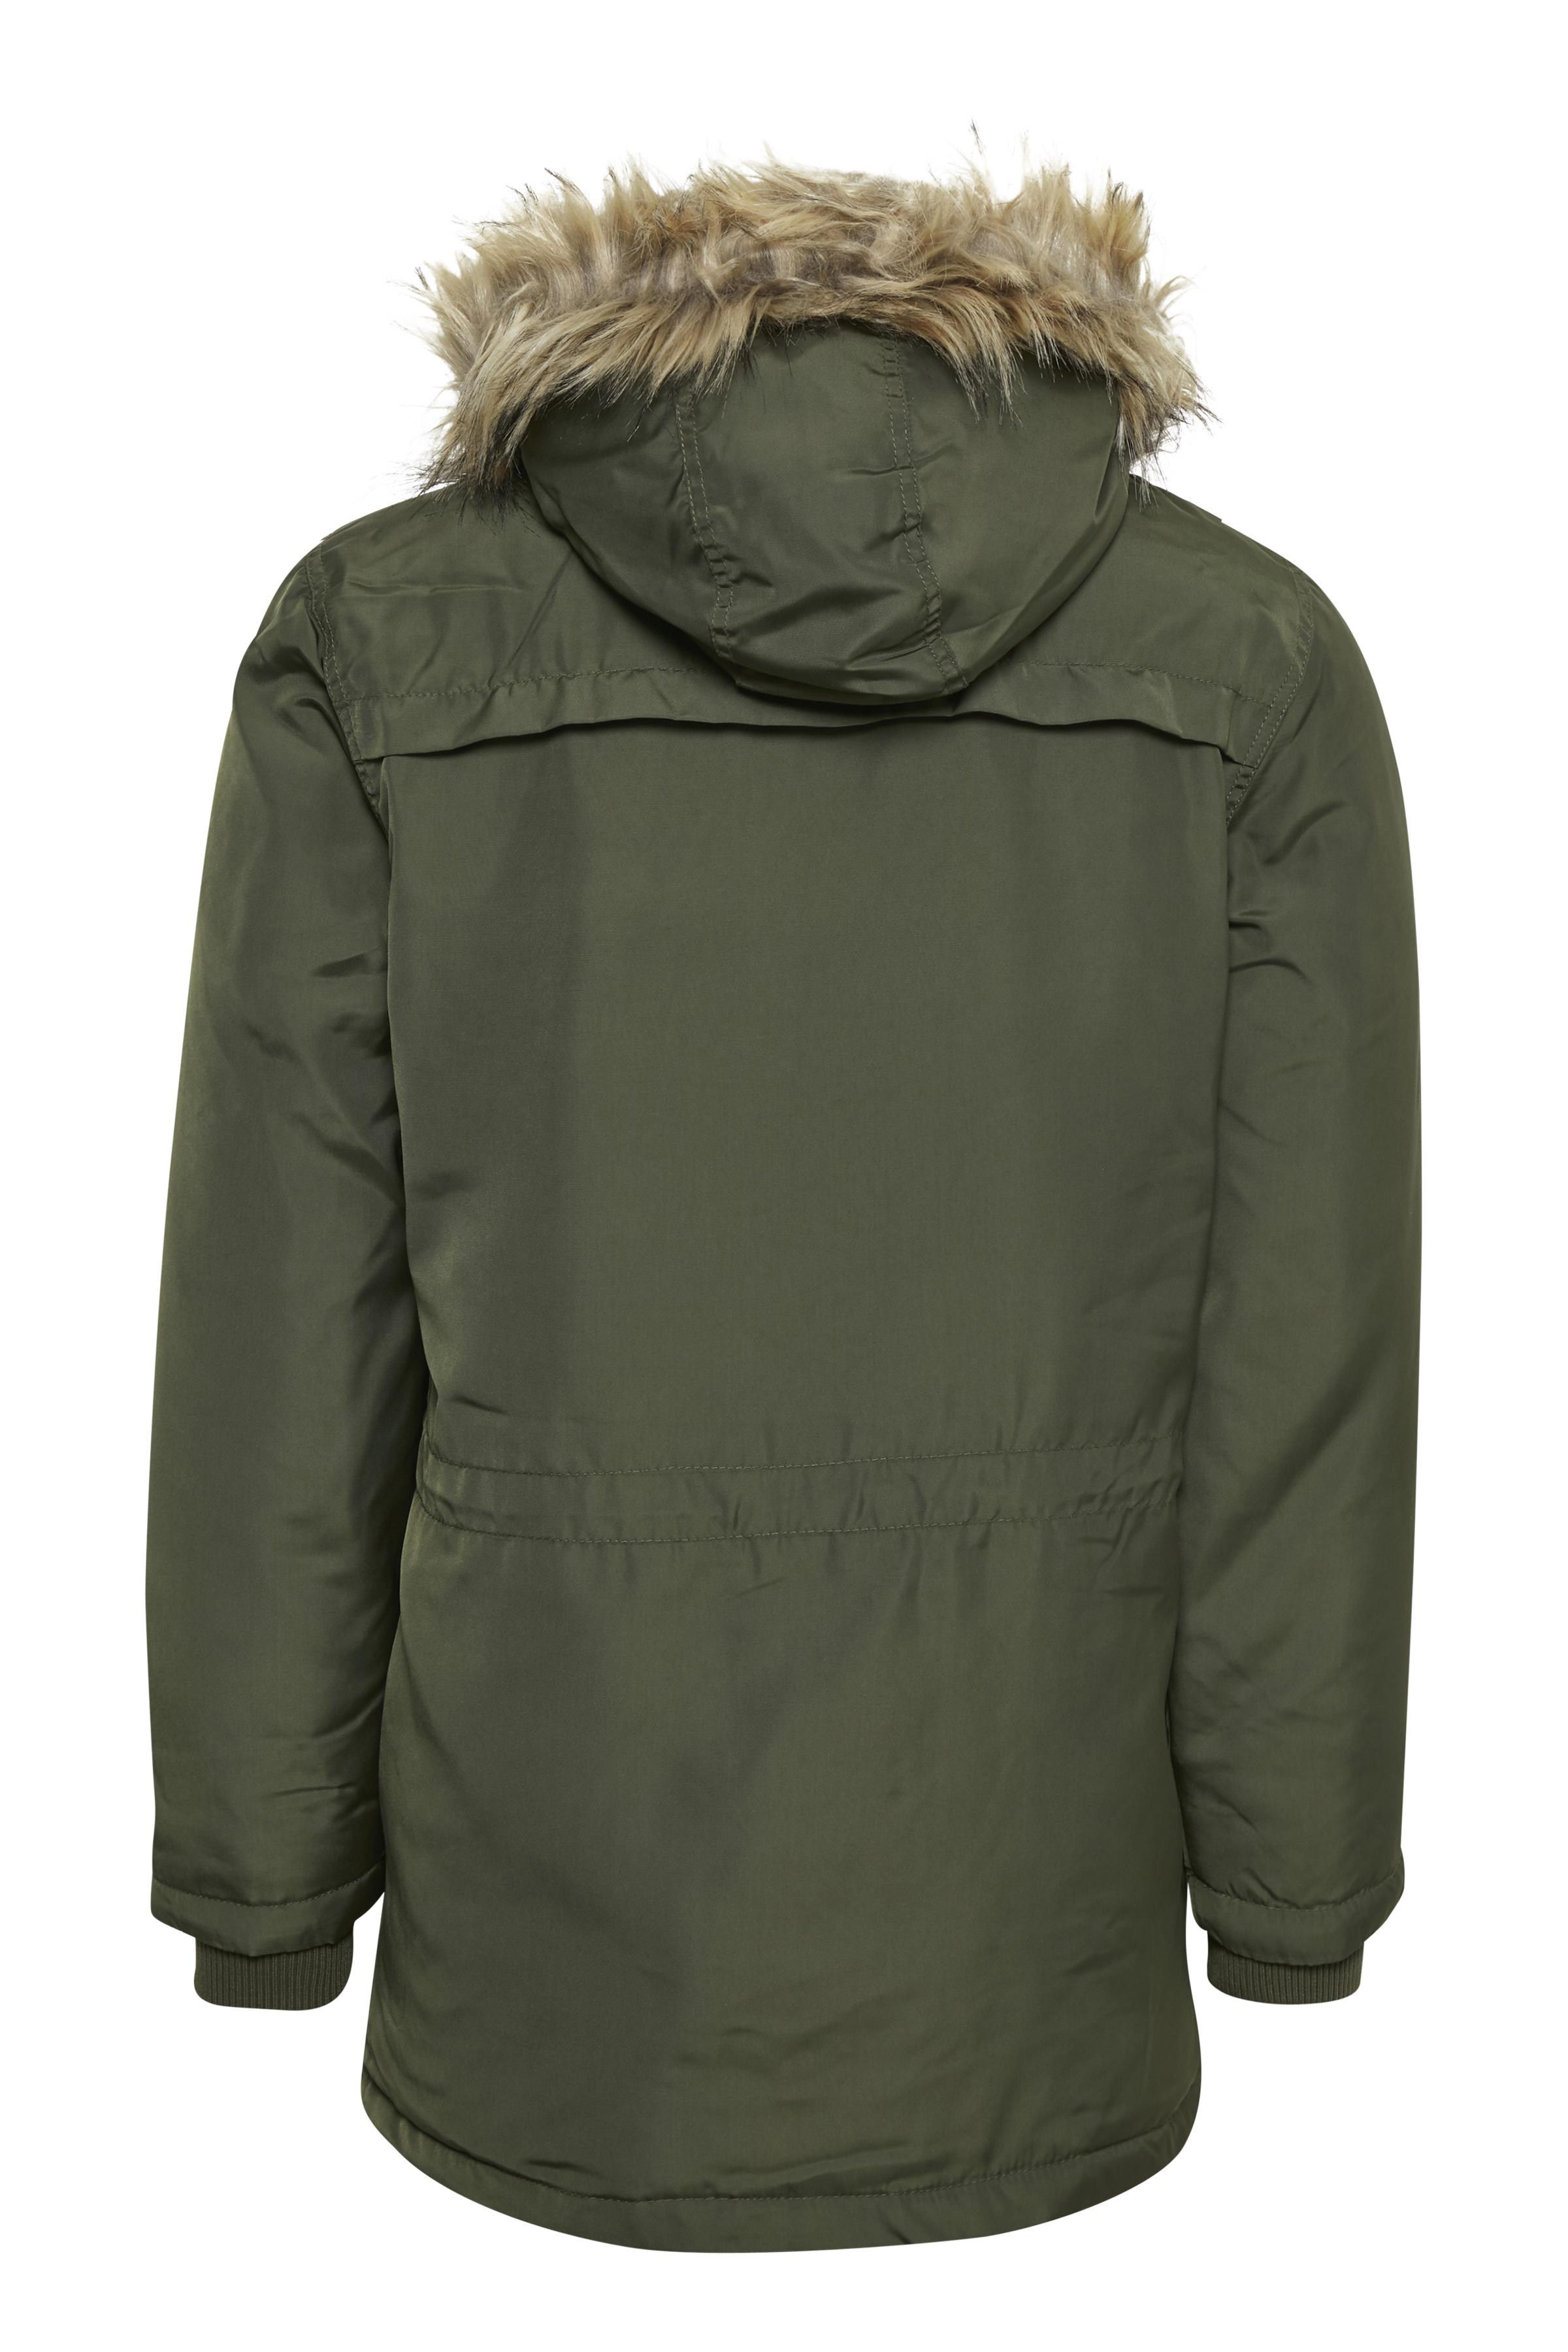 Mørkegrøn Frakke fra Blend He – Køb Mørkegrøn Frakke fra str. S-3XL her